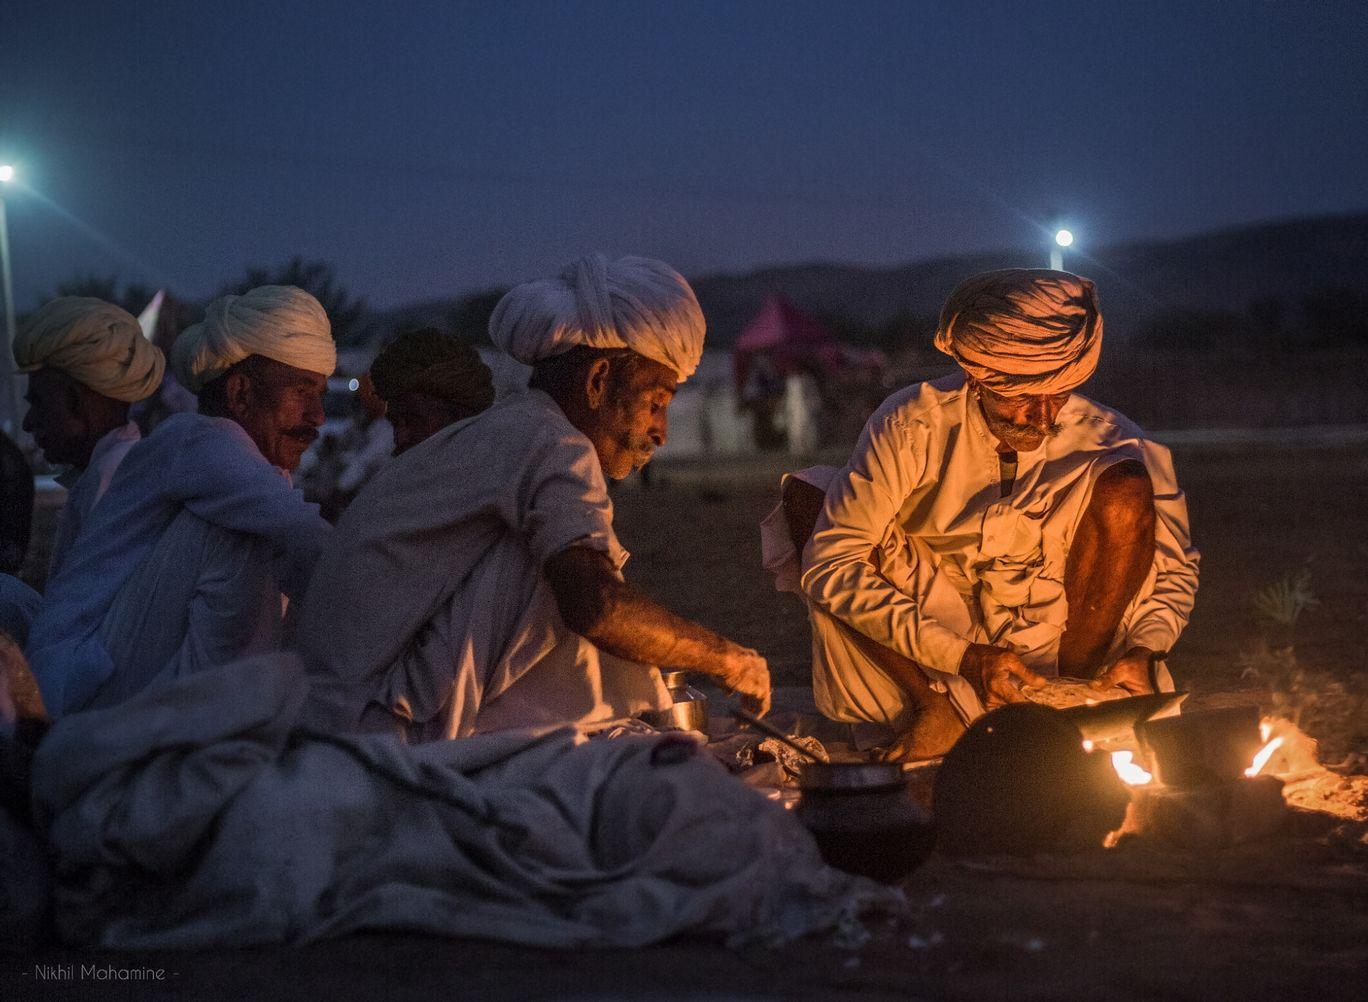 Photo of Pushkar By Nikhil Mahamine